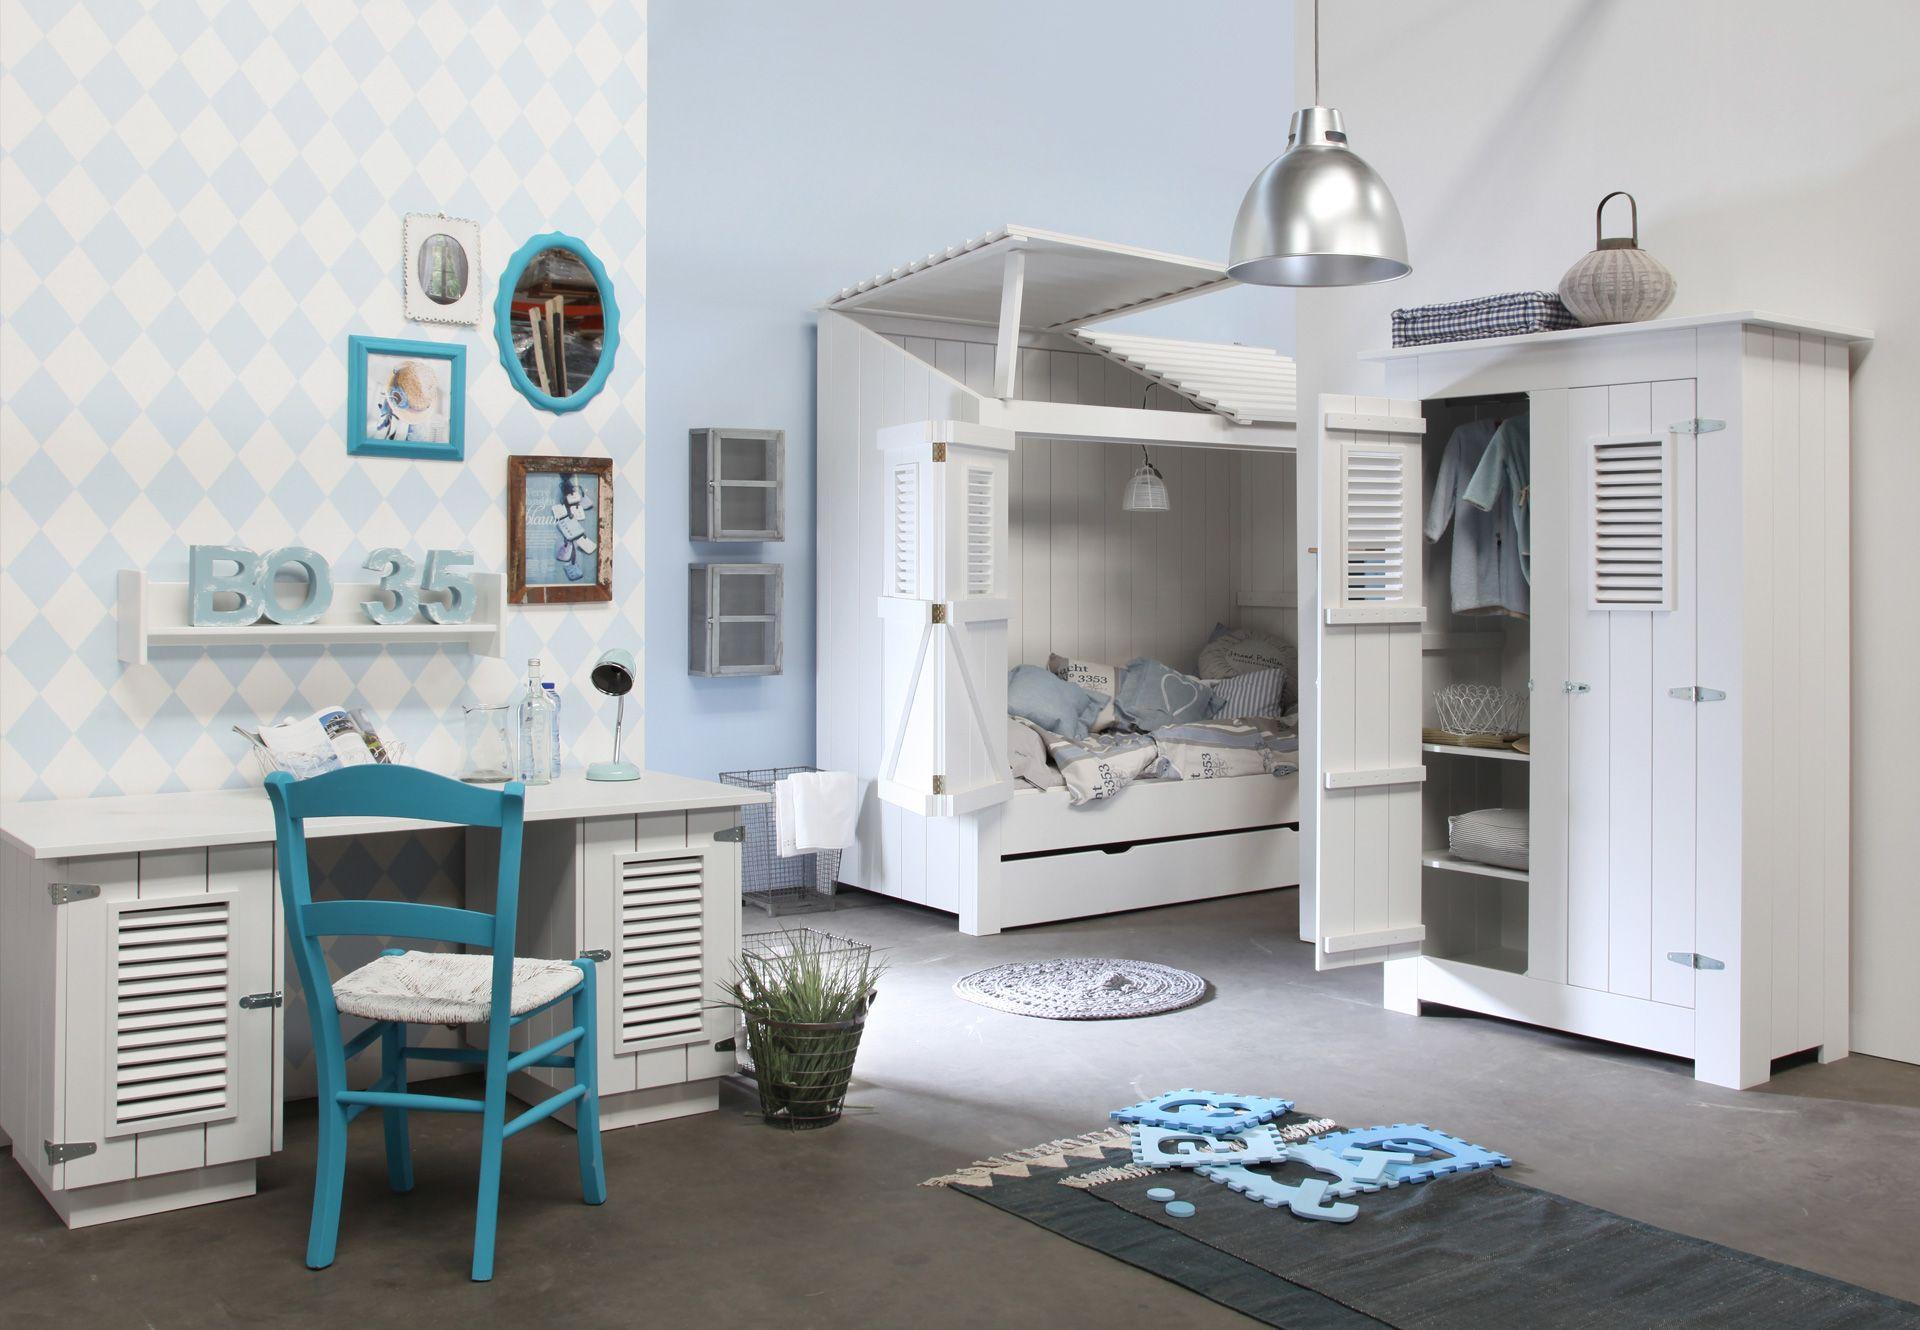 Slaapkamer ideeen jeugd: slaapkamer mooi inrichten kleine slaapkamers.